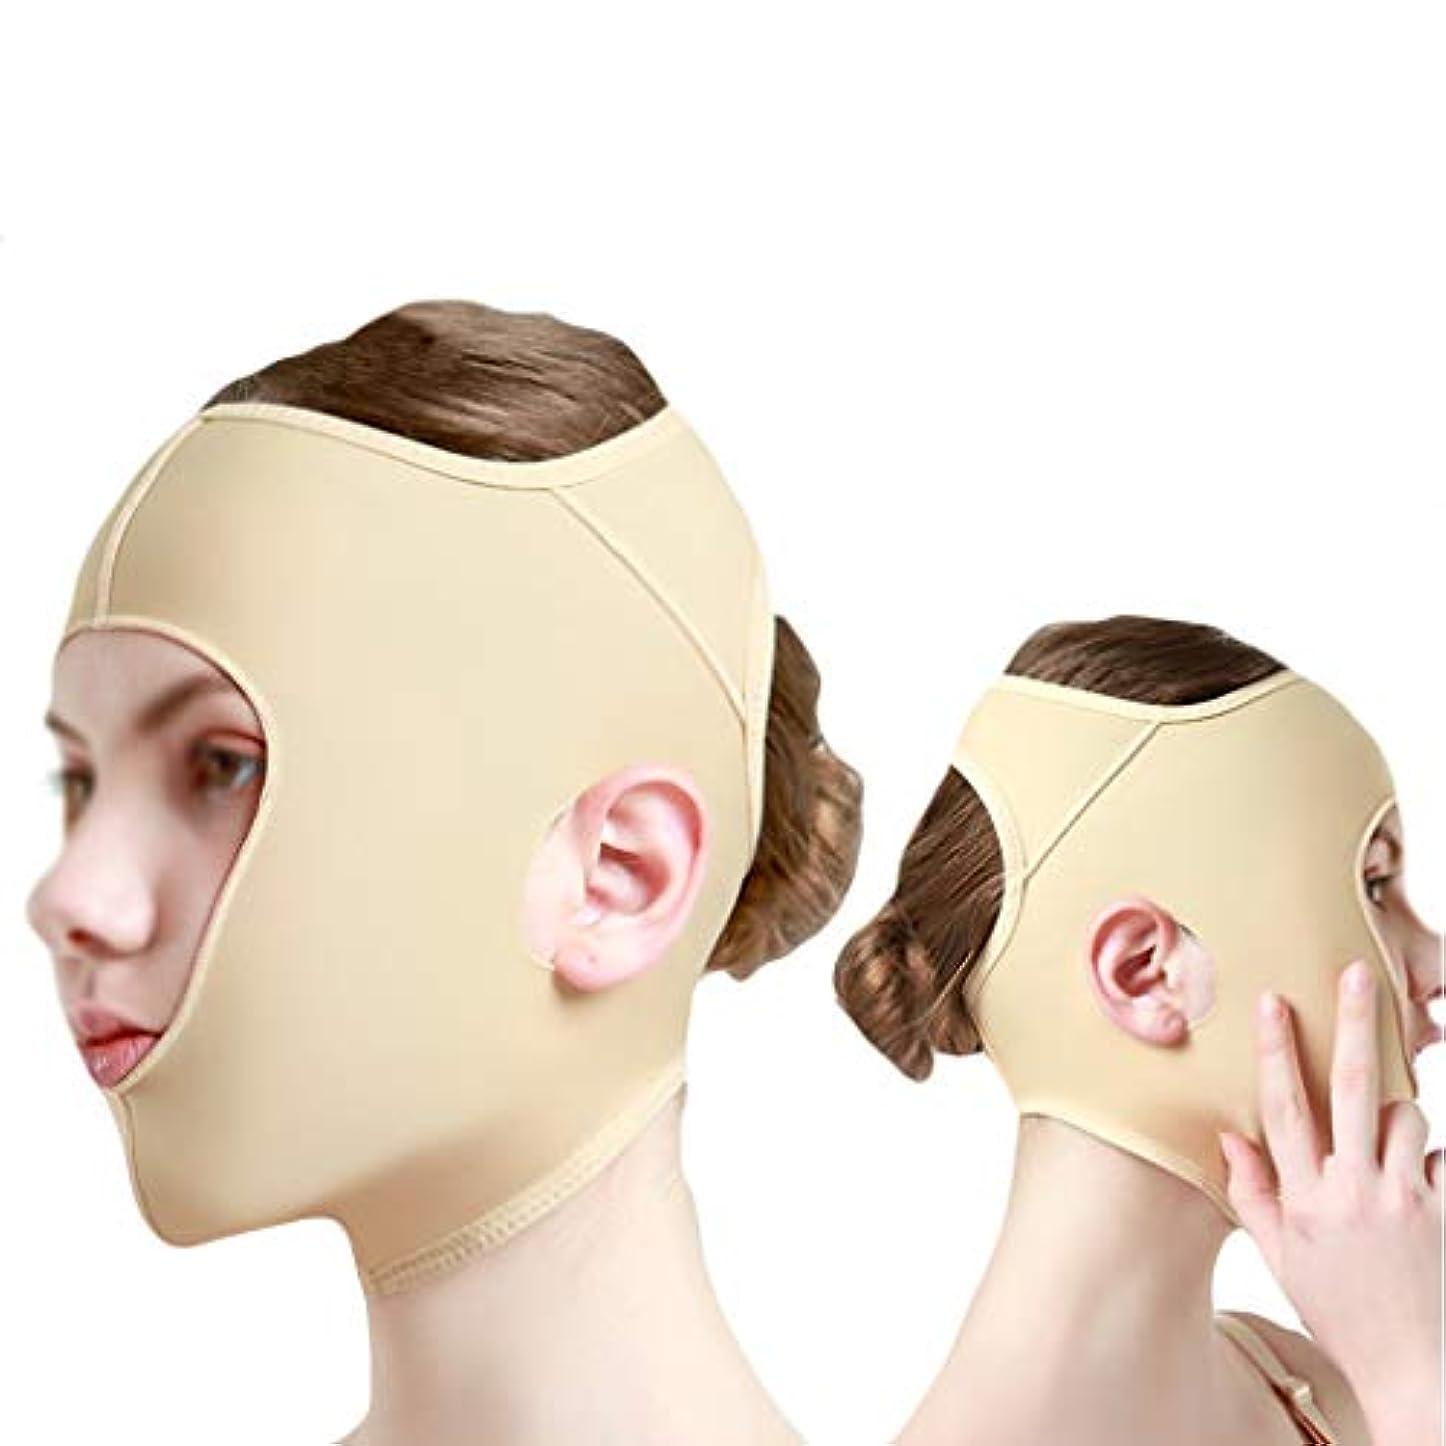 不幸沿って食堂顔の彫刻ツール、脂肪吸引フード、二重あご包帯、ストレッチマスク (Size : S)